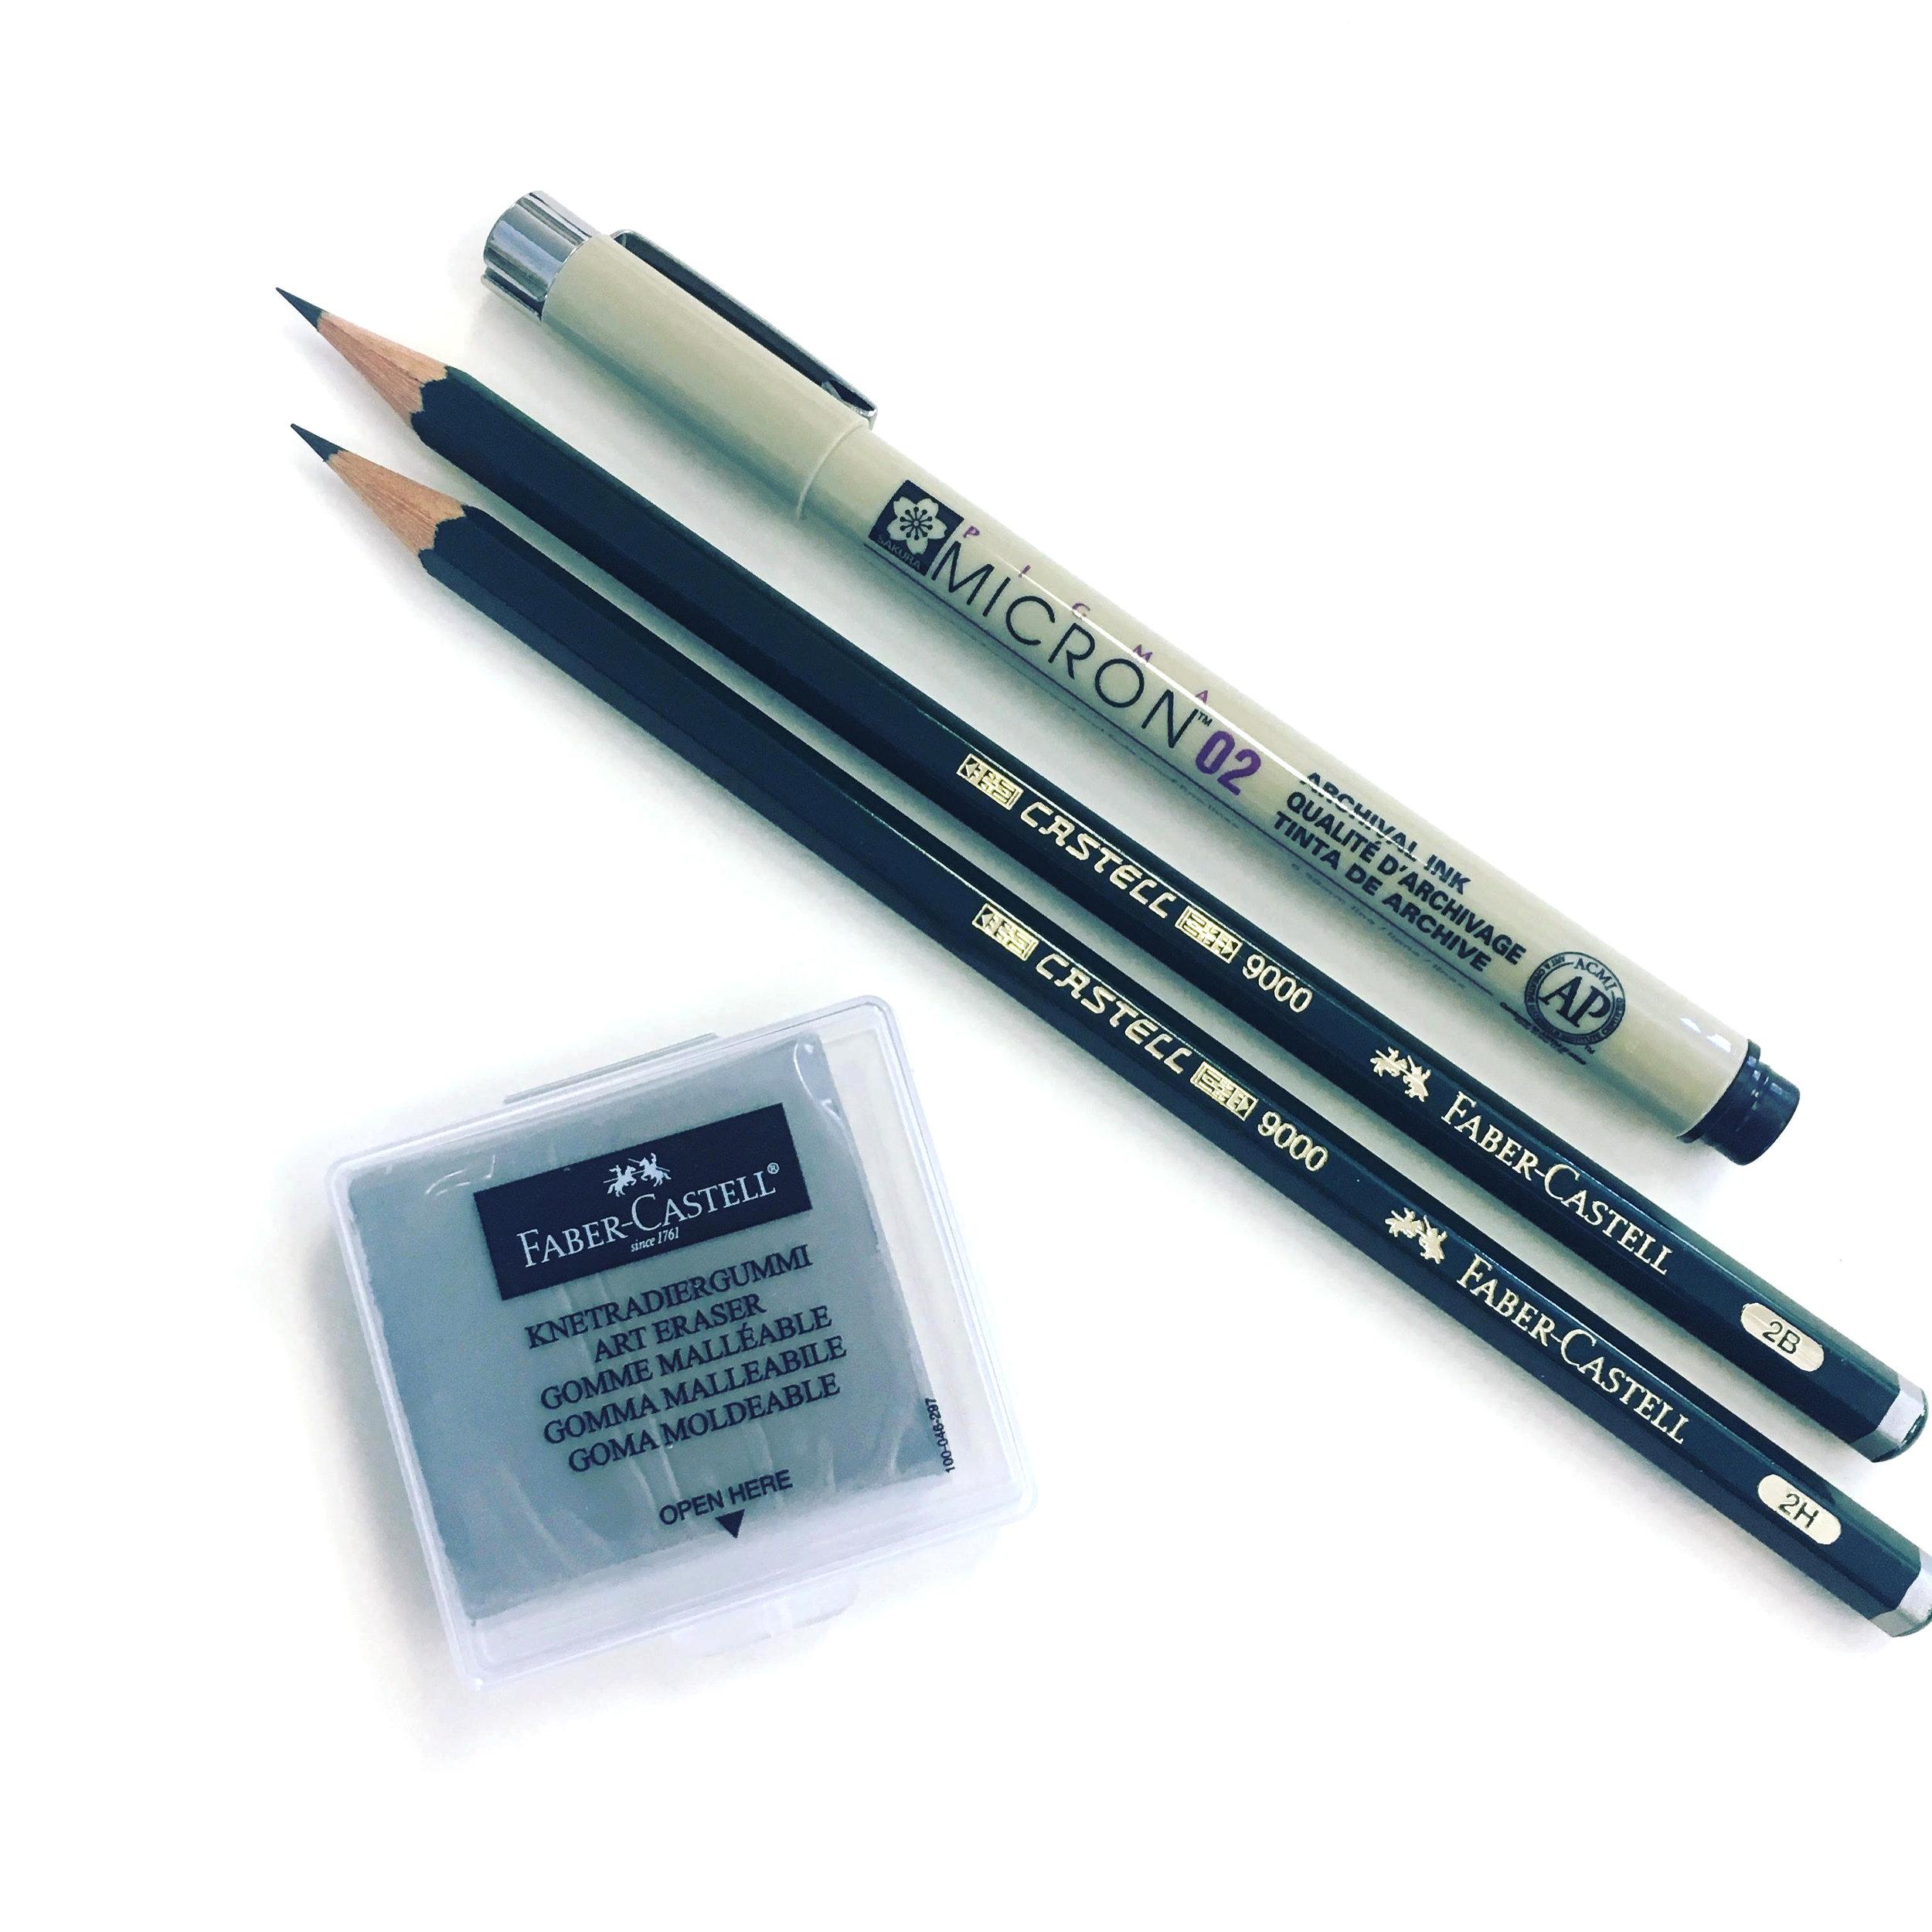 Supplies-pens-updated.jpg